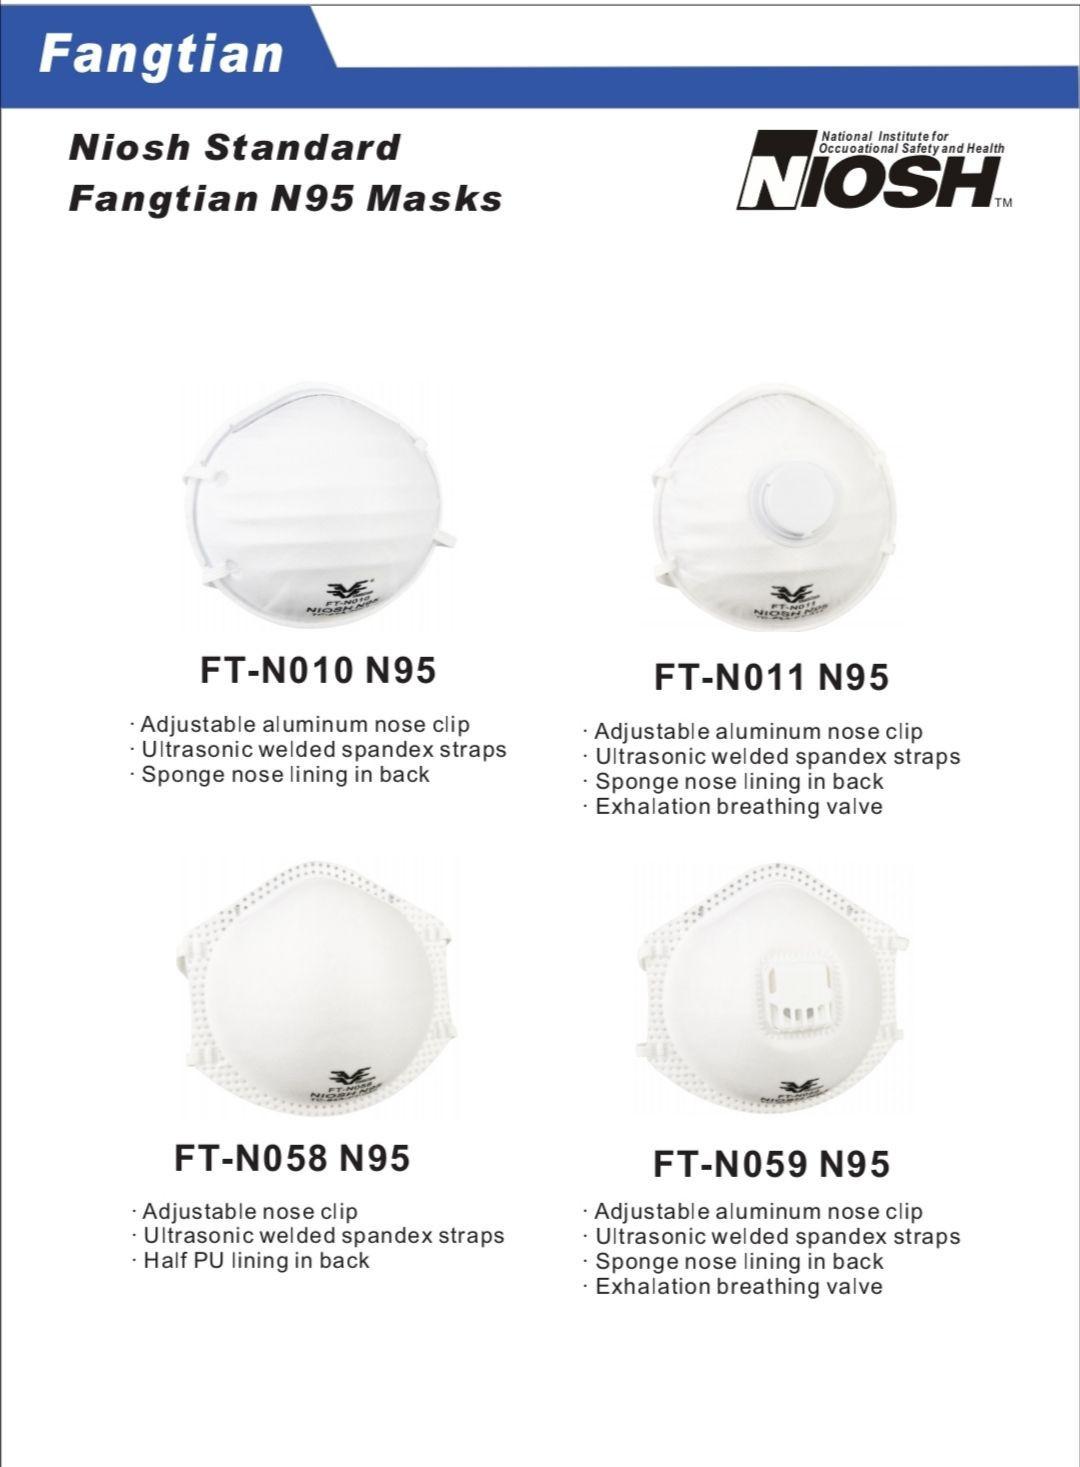 FT-N010/11/58/59 N95